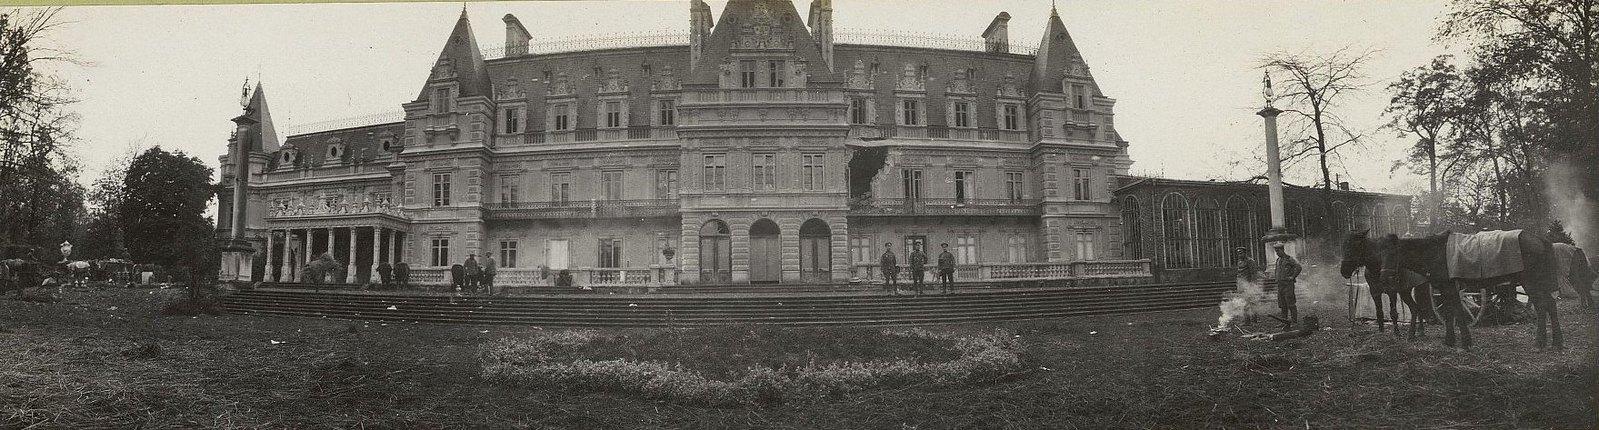 81. Дворец в Козеницах, пробитый русскими снарядами во время пребывания в нём германского штаба